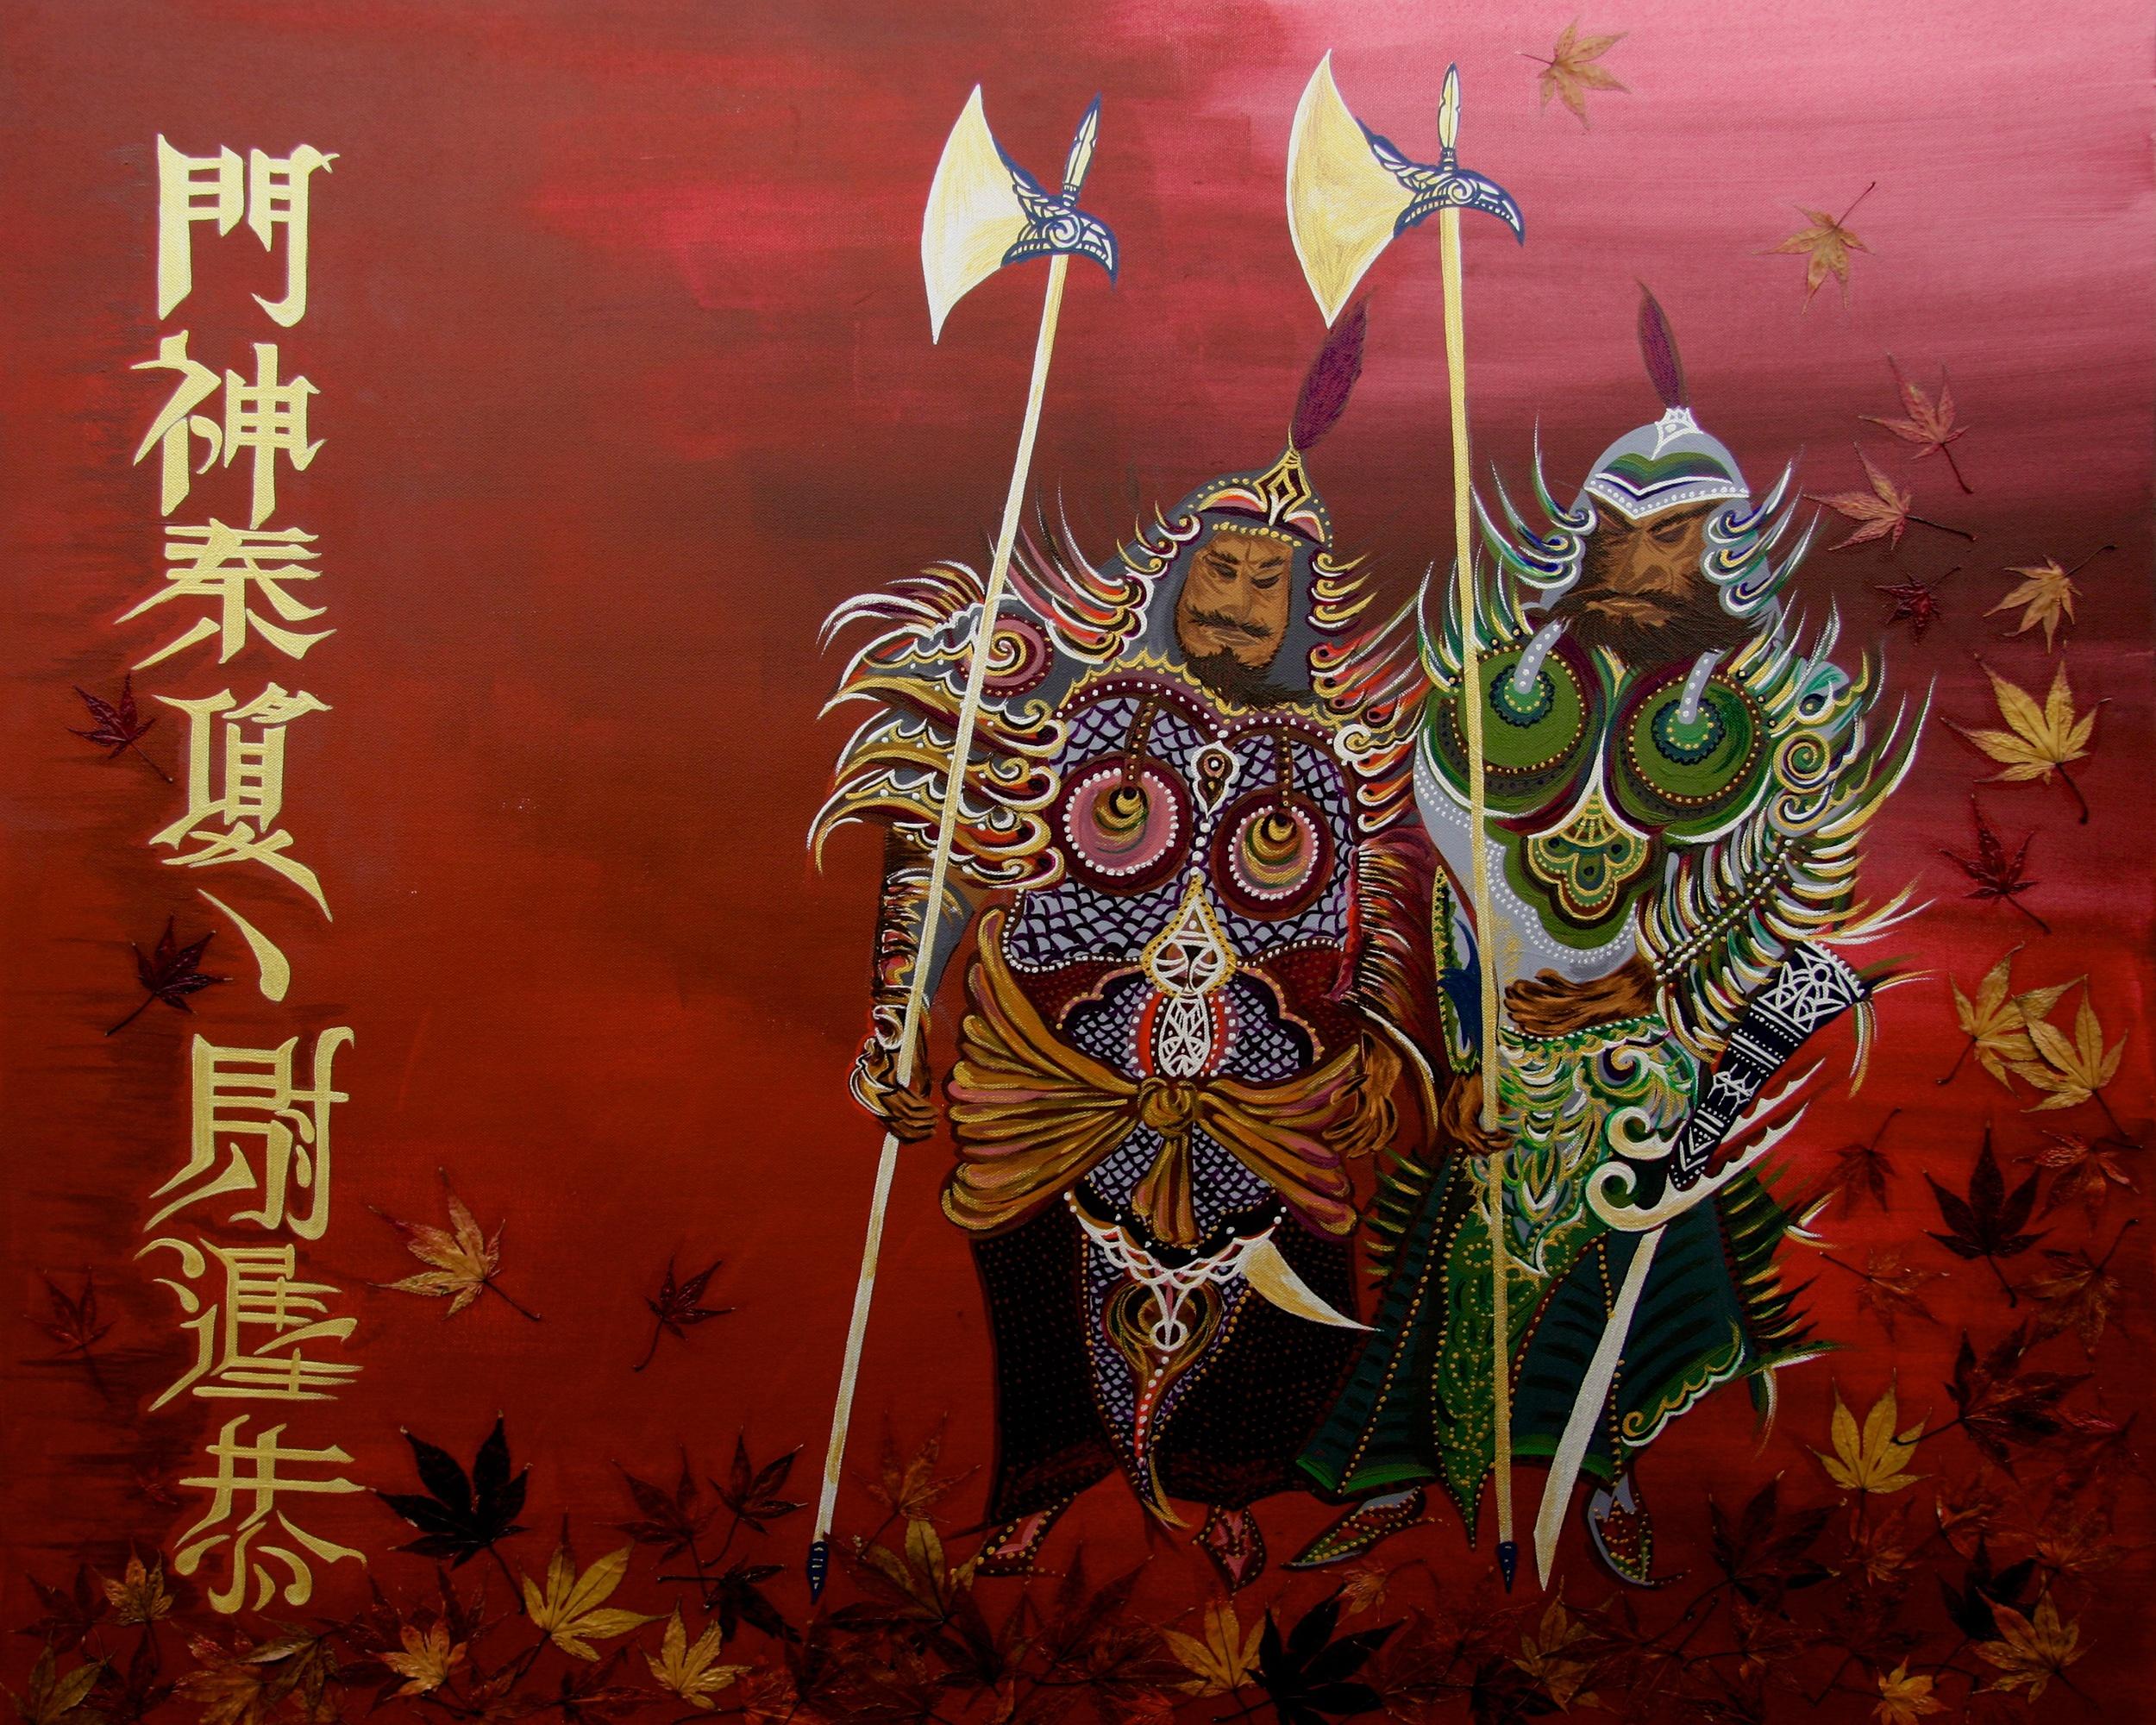 Qin Qiong & Yuchi Gong 100x120 Contact Feike for pricing info